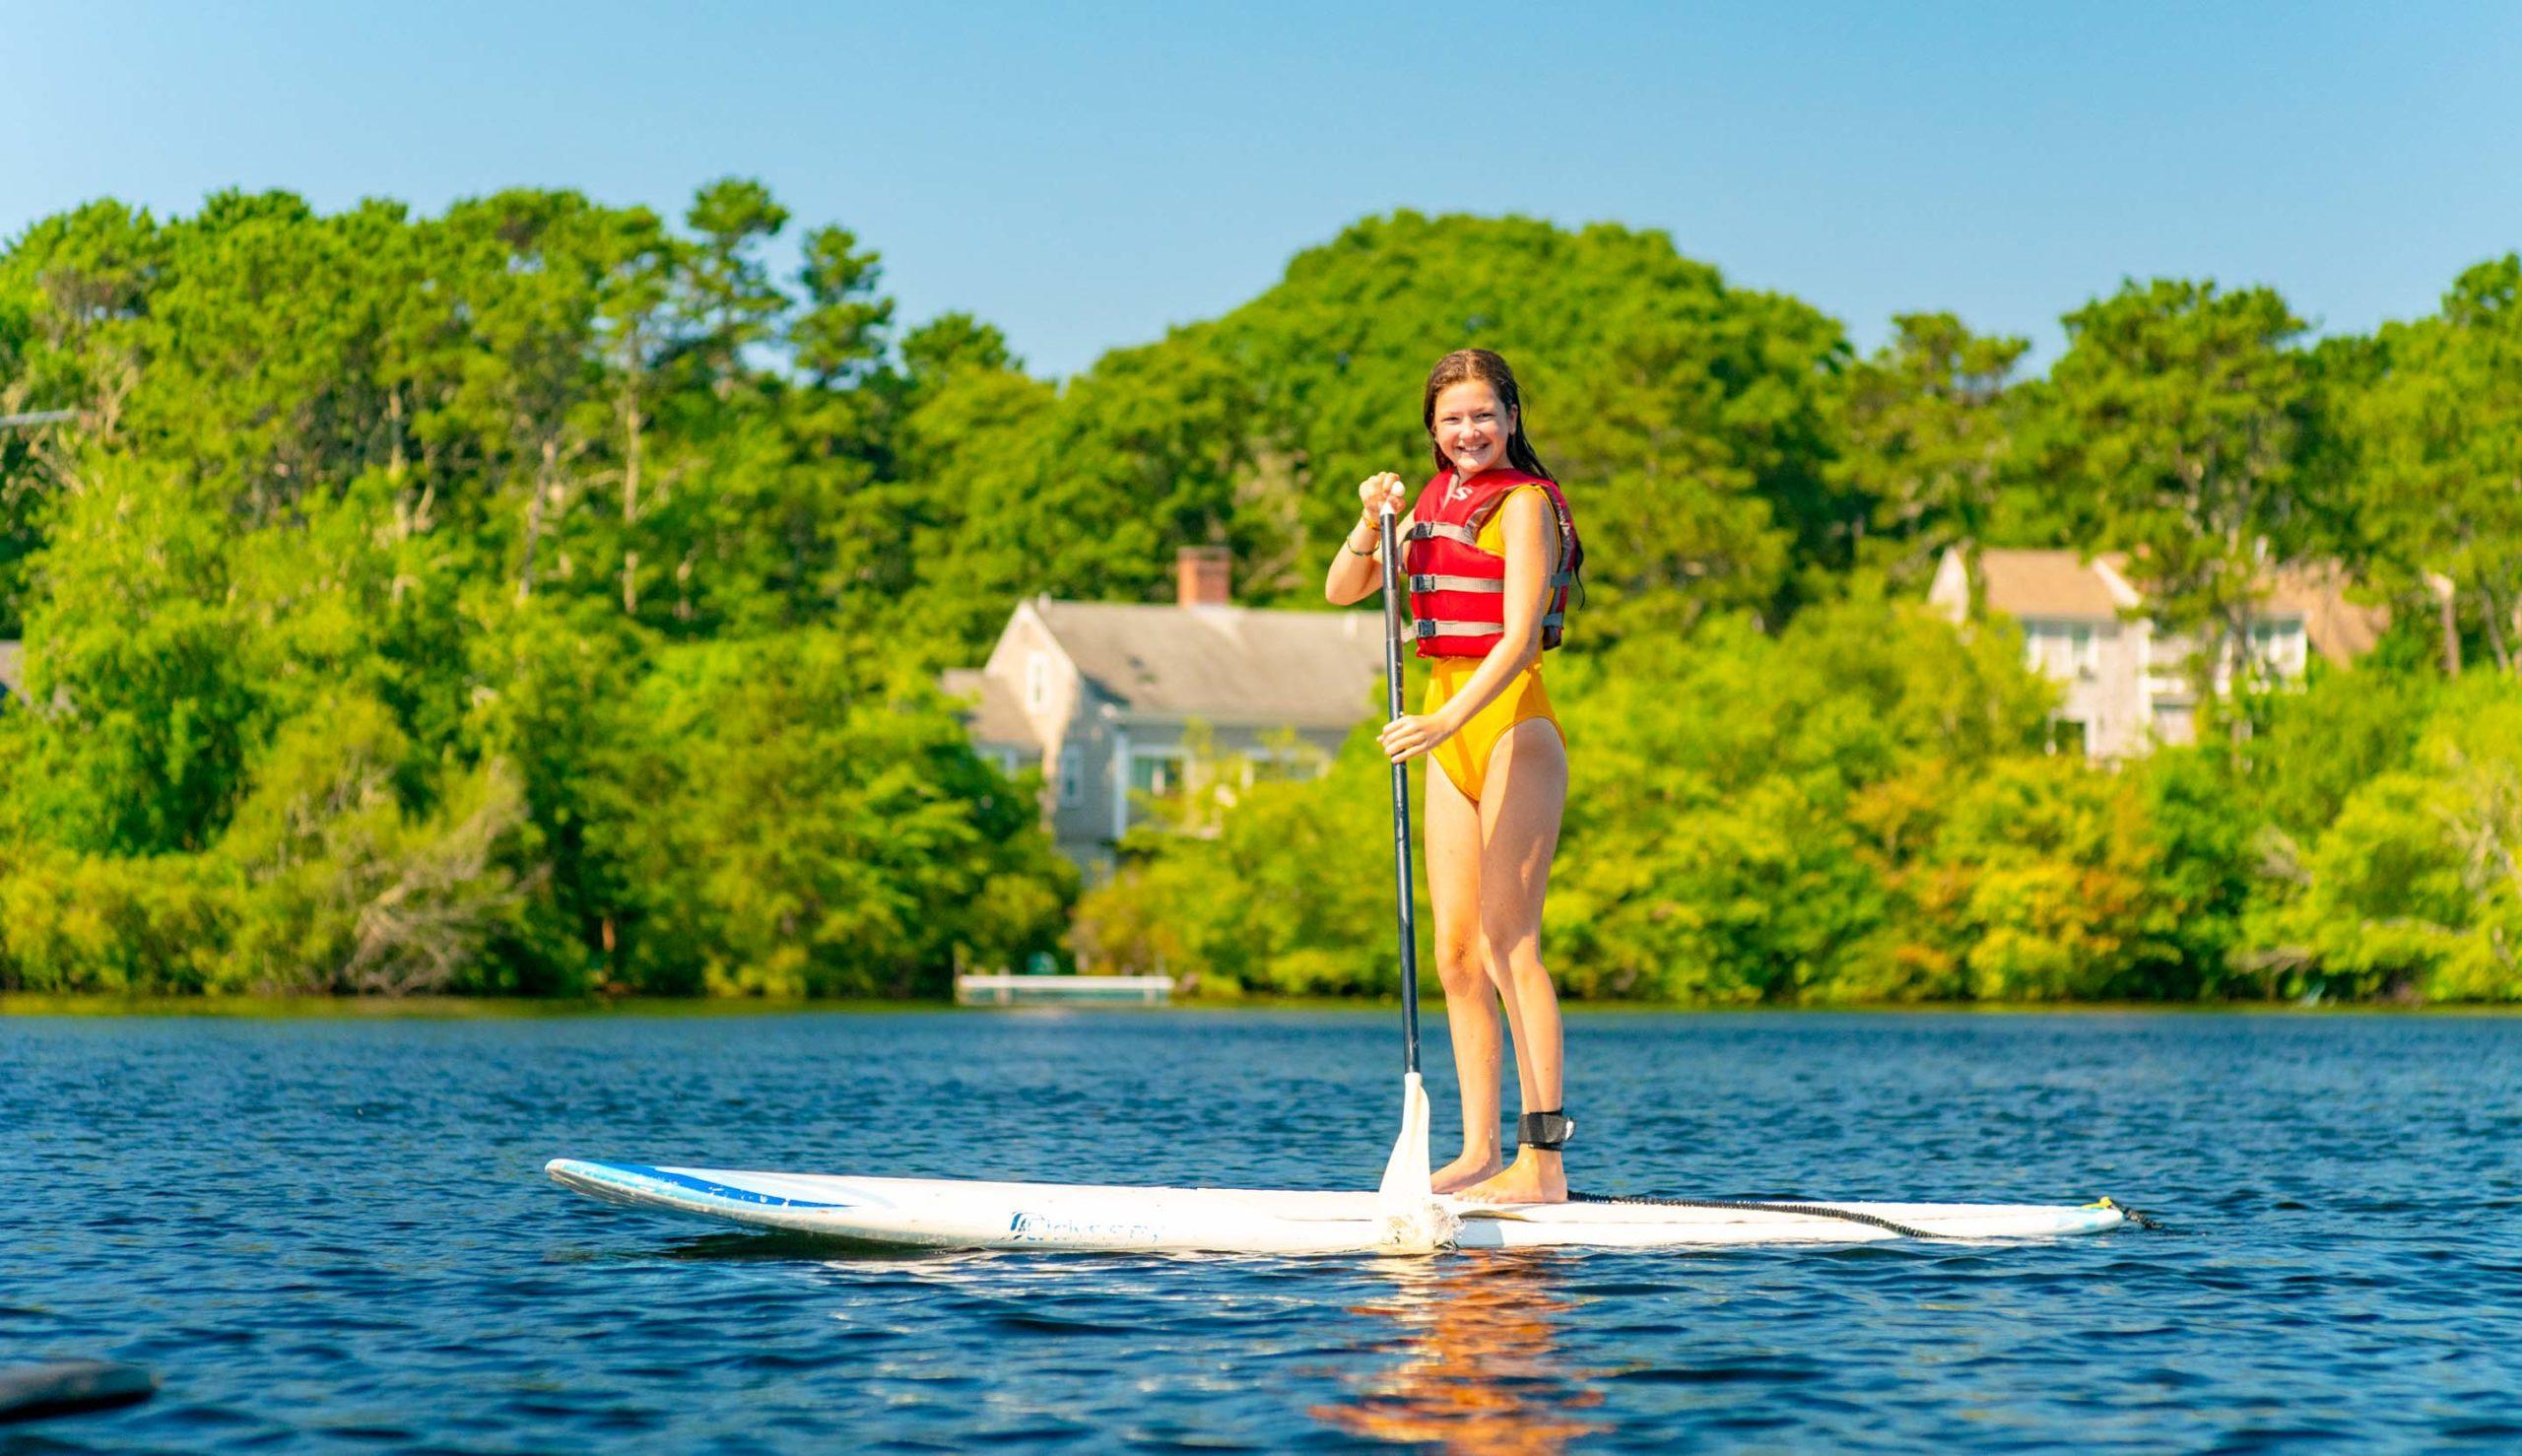 Camper paddle boarding